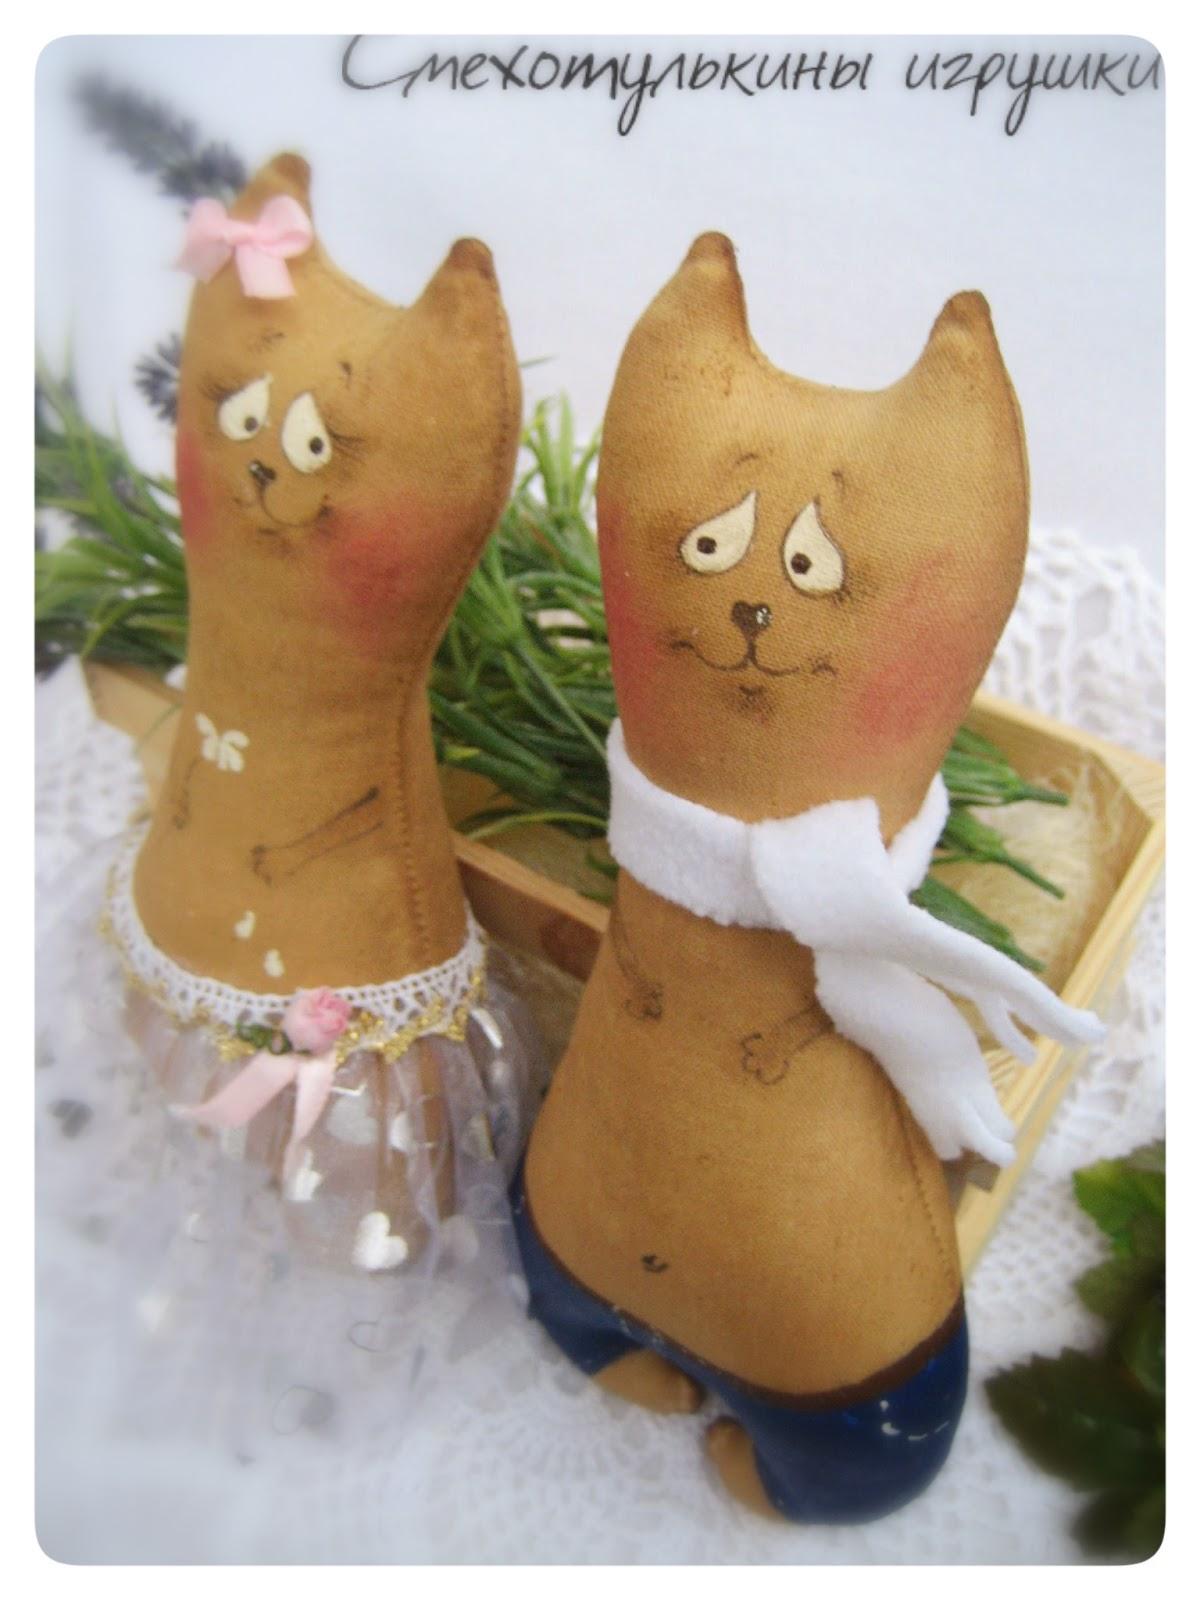 Кофейные коты, подарок для пары